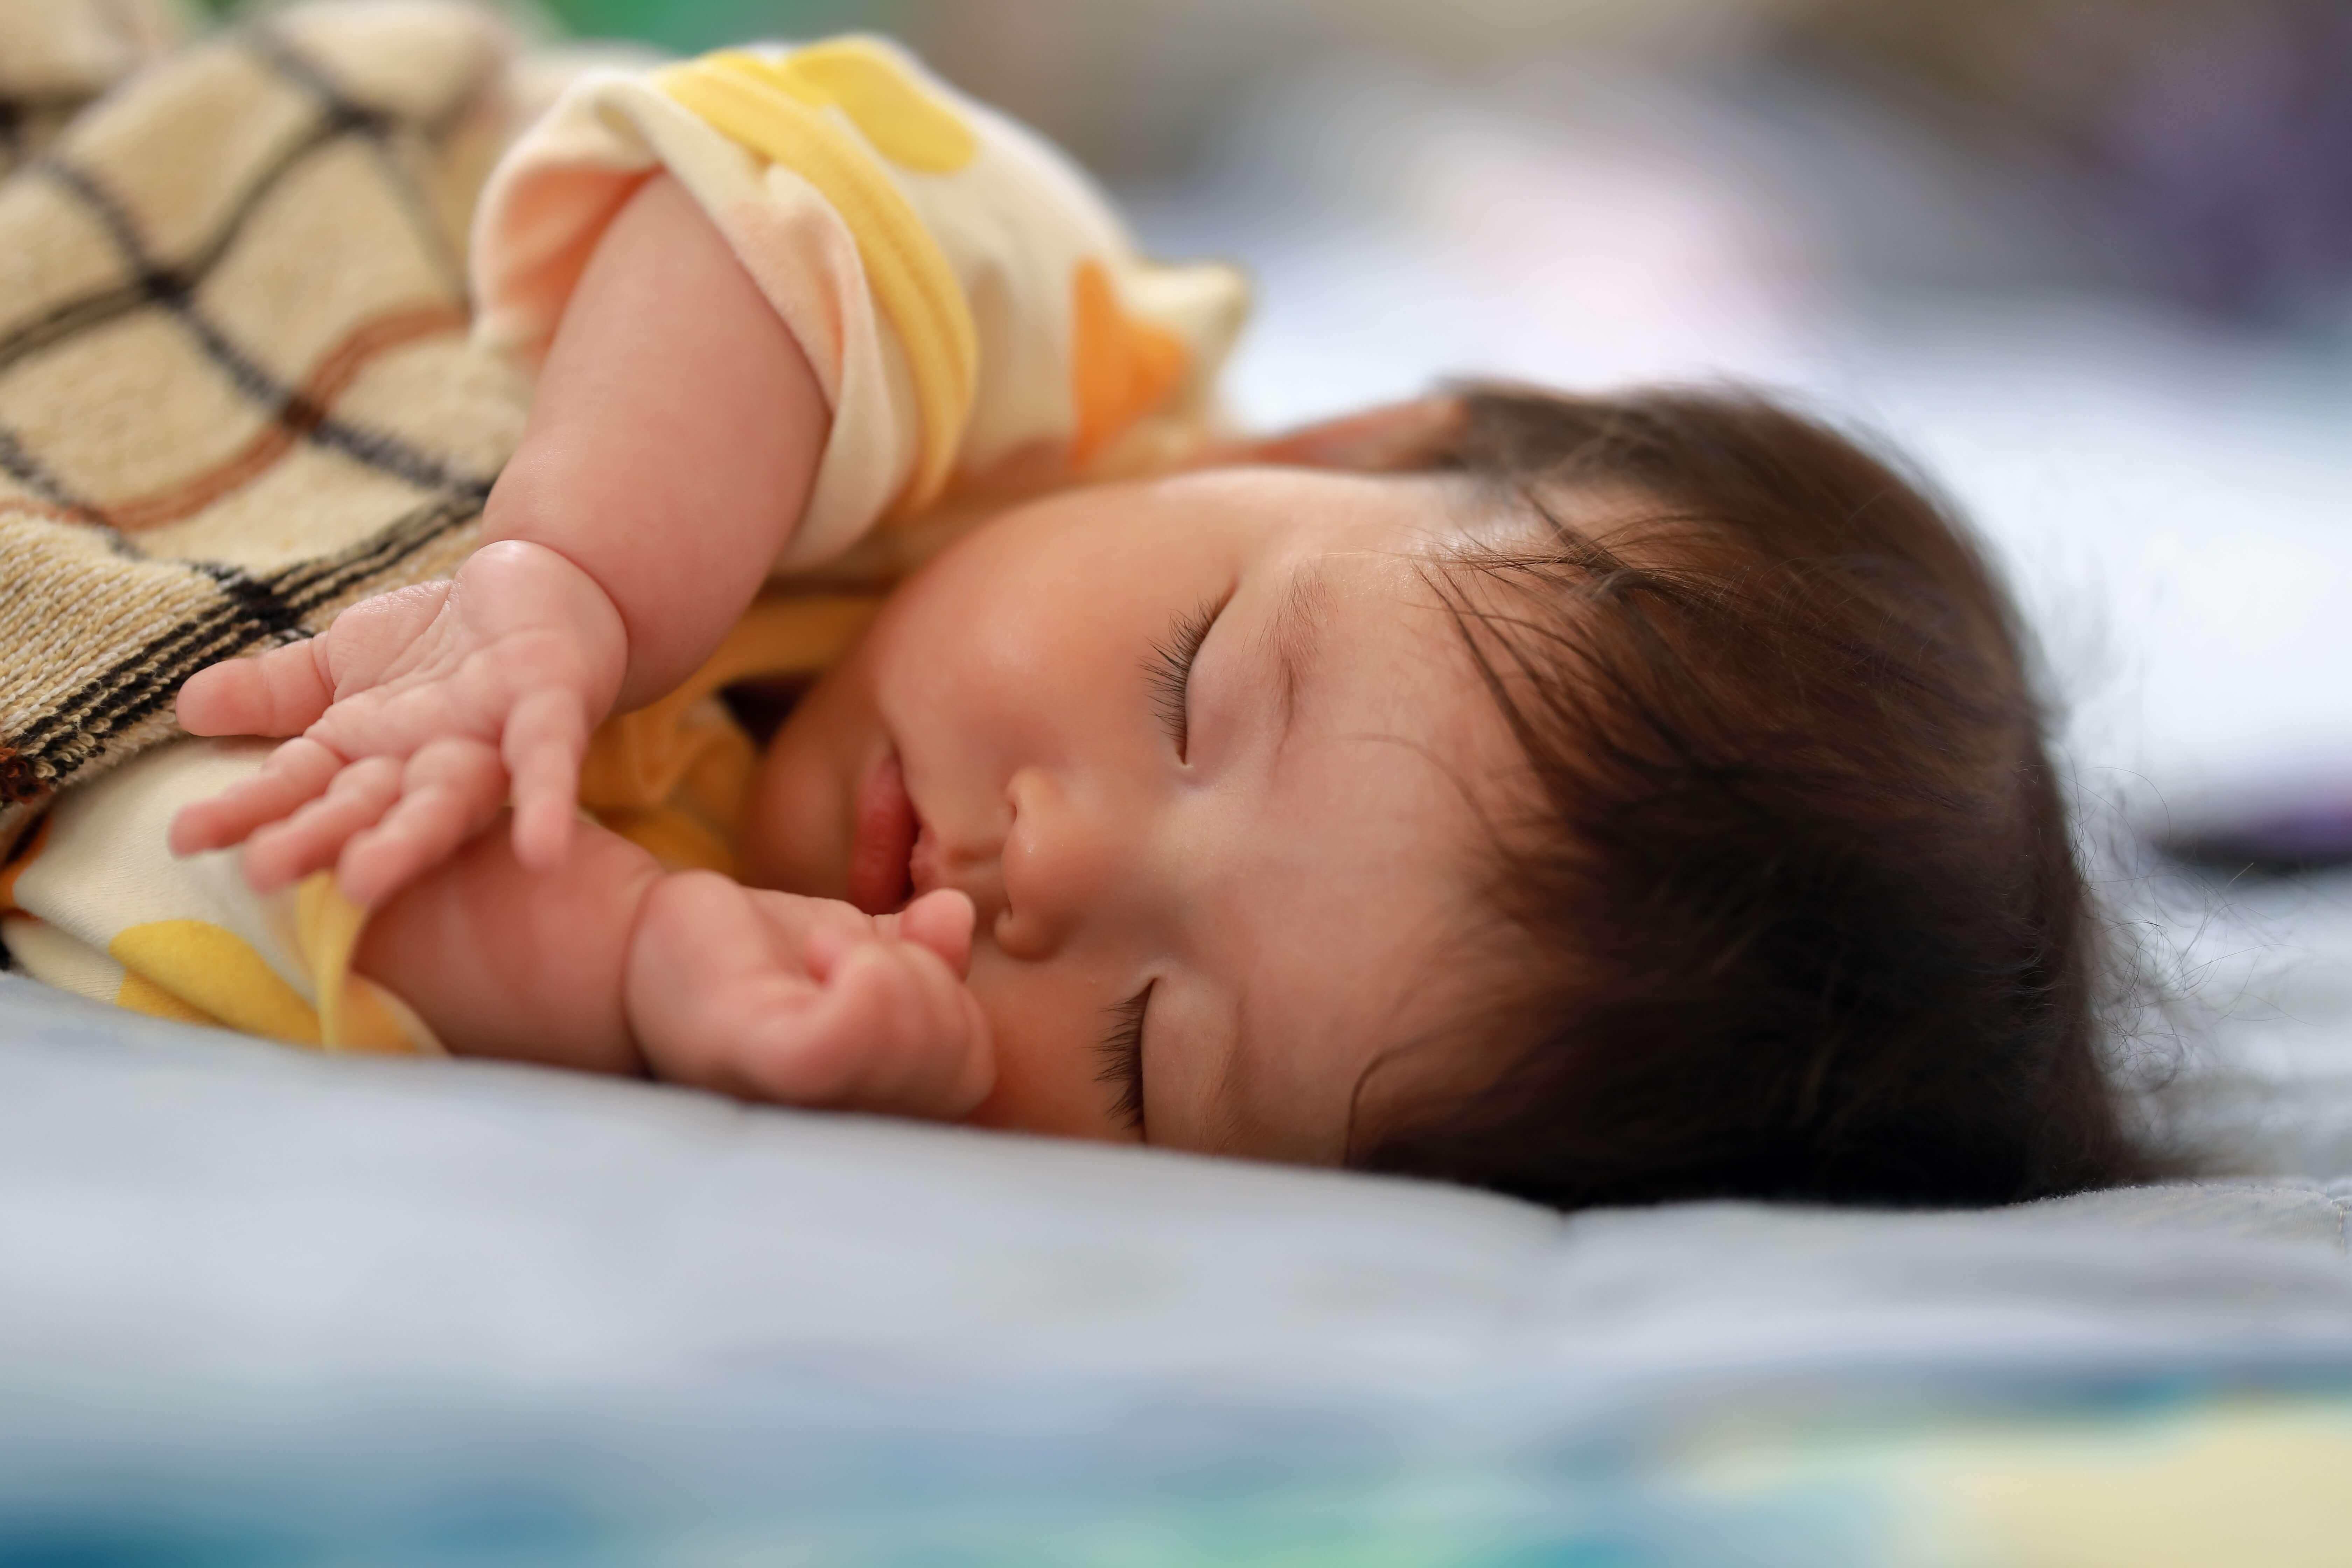 夜泣き・寝ぐずりを「ガマン」で乗り越えない・睡眠コンサルタントという働き方|小櫻若奈さん